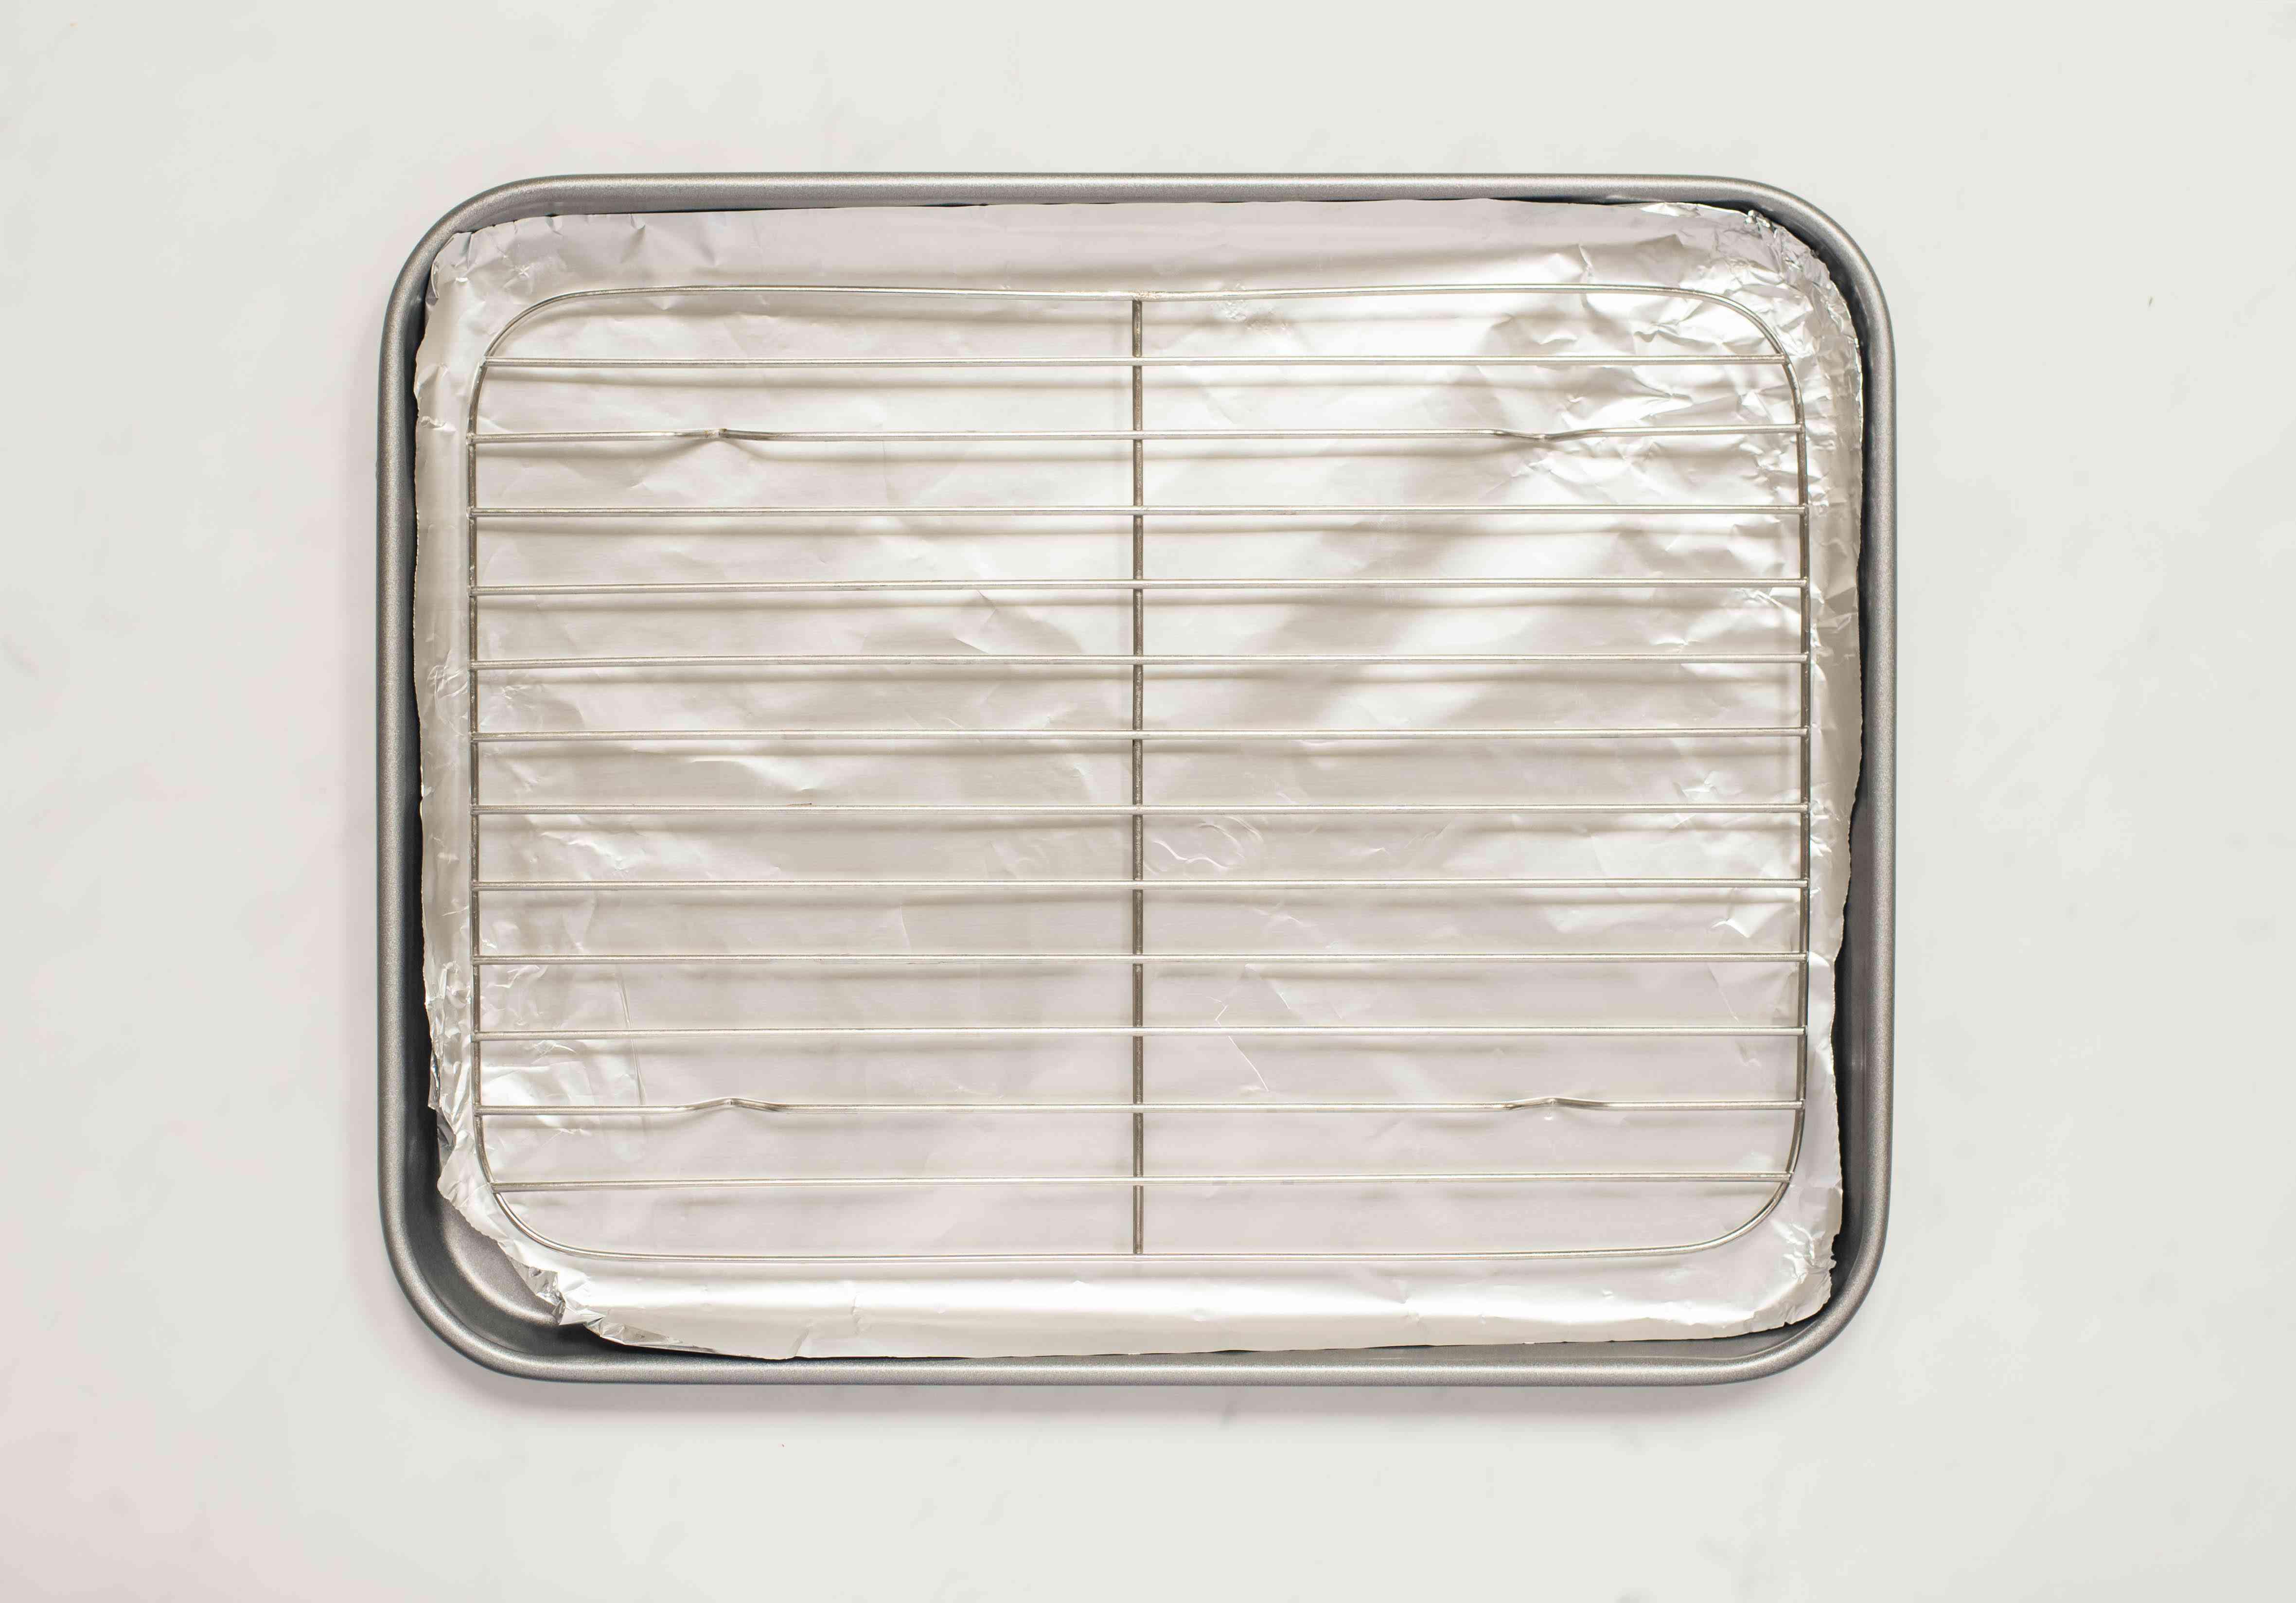 Line a baking pan